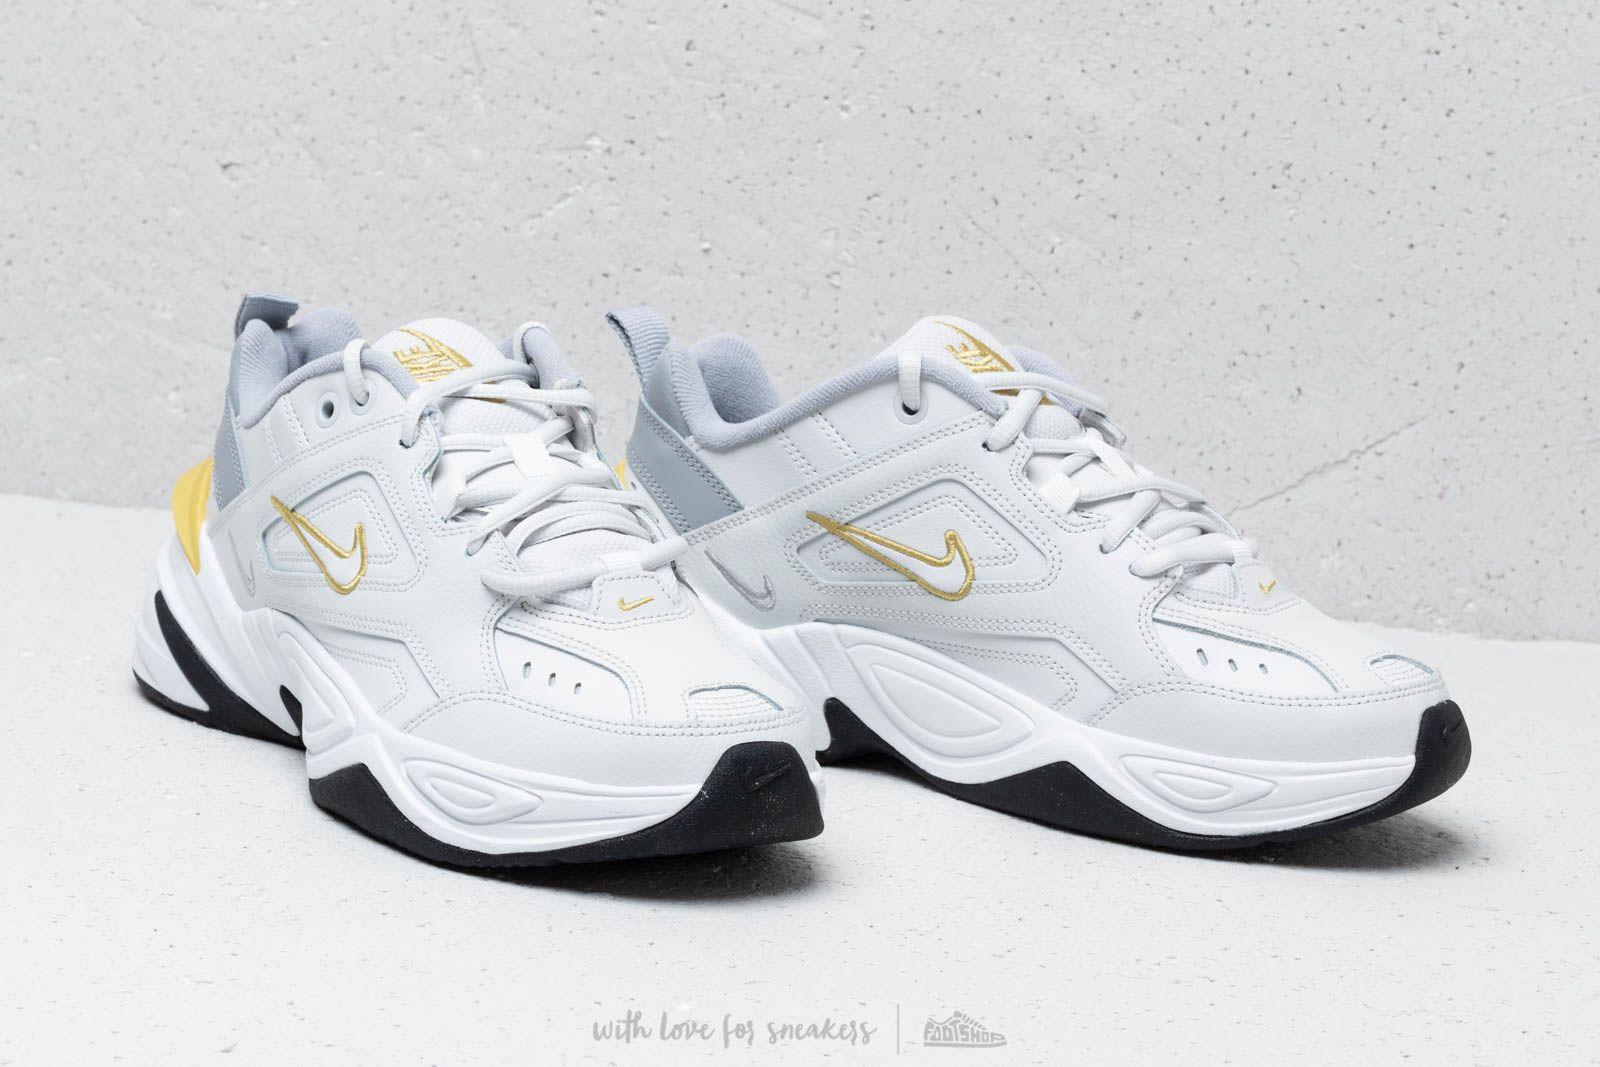 Suelto Puno construcción naval  Women's shoes Nike W M2K Tekno Platinum Tint/ Celery-Wolf Grey | Footshop